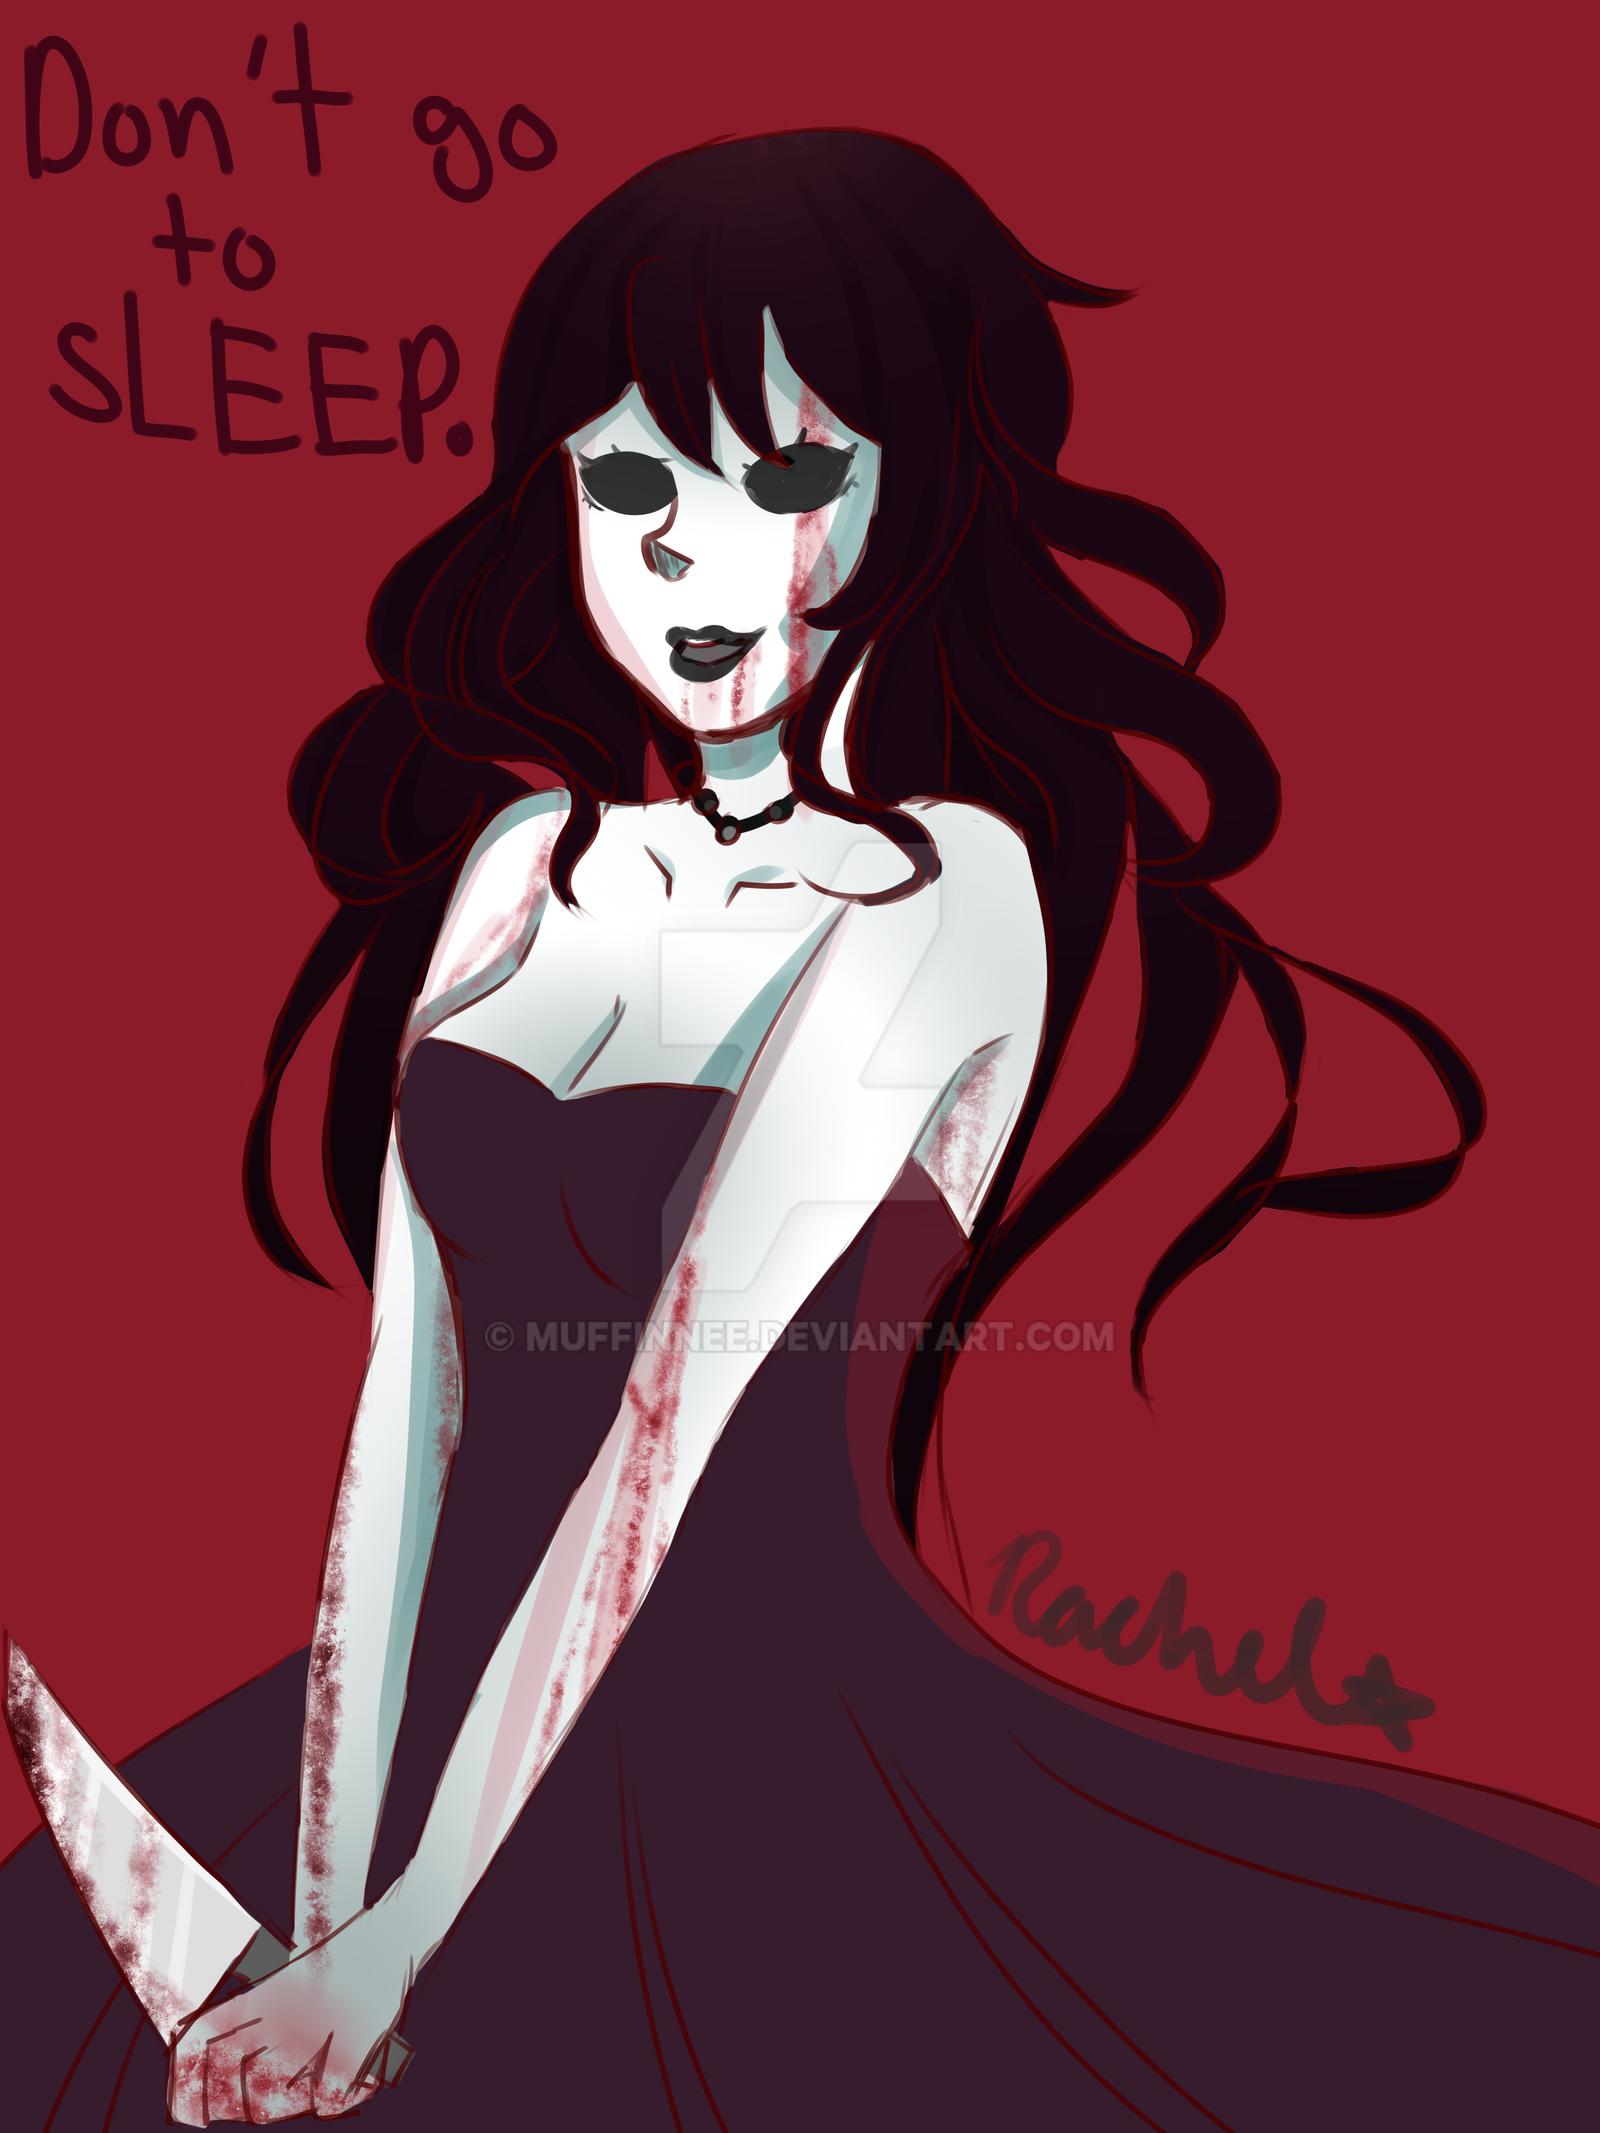 Jane the killer by muffinnee on deviantart - Jane the killer anime ...